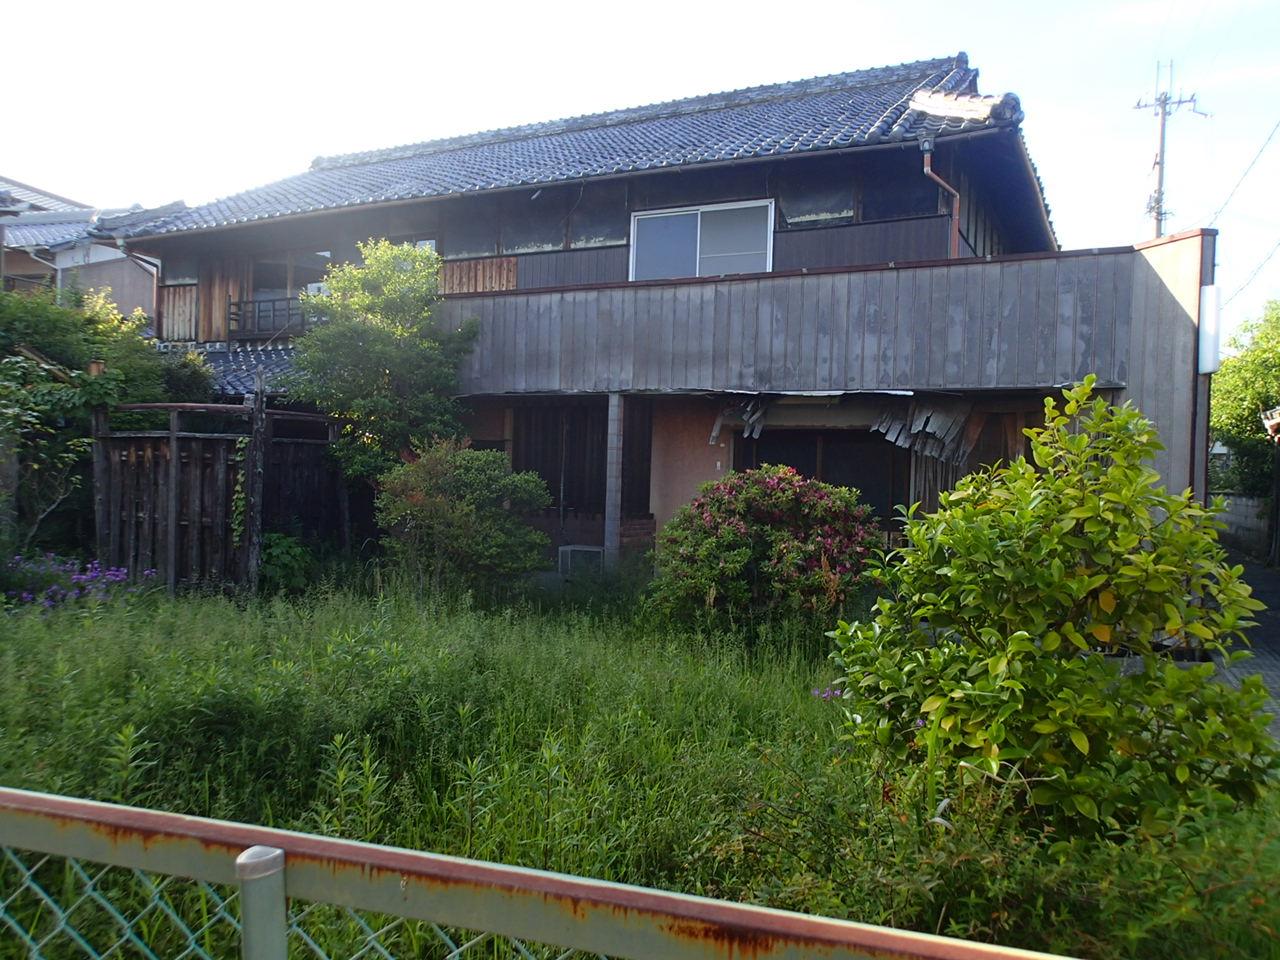 加東市某所 Y様邸 木造解体工事